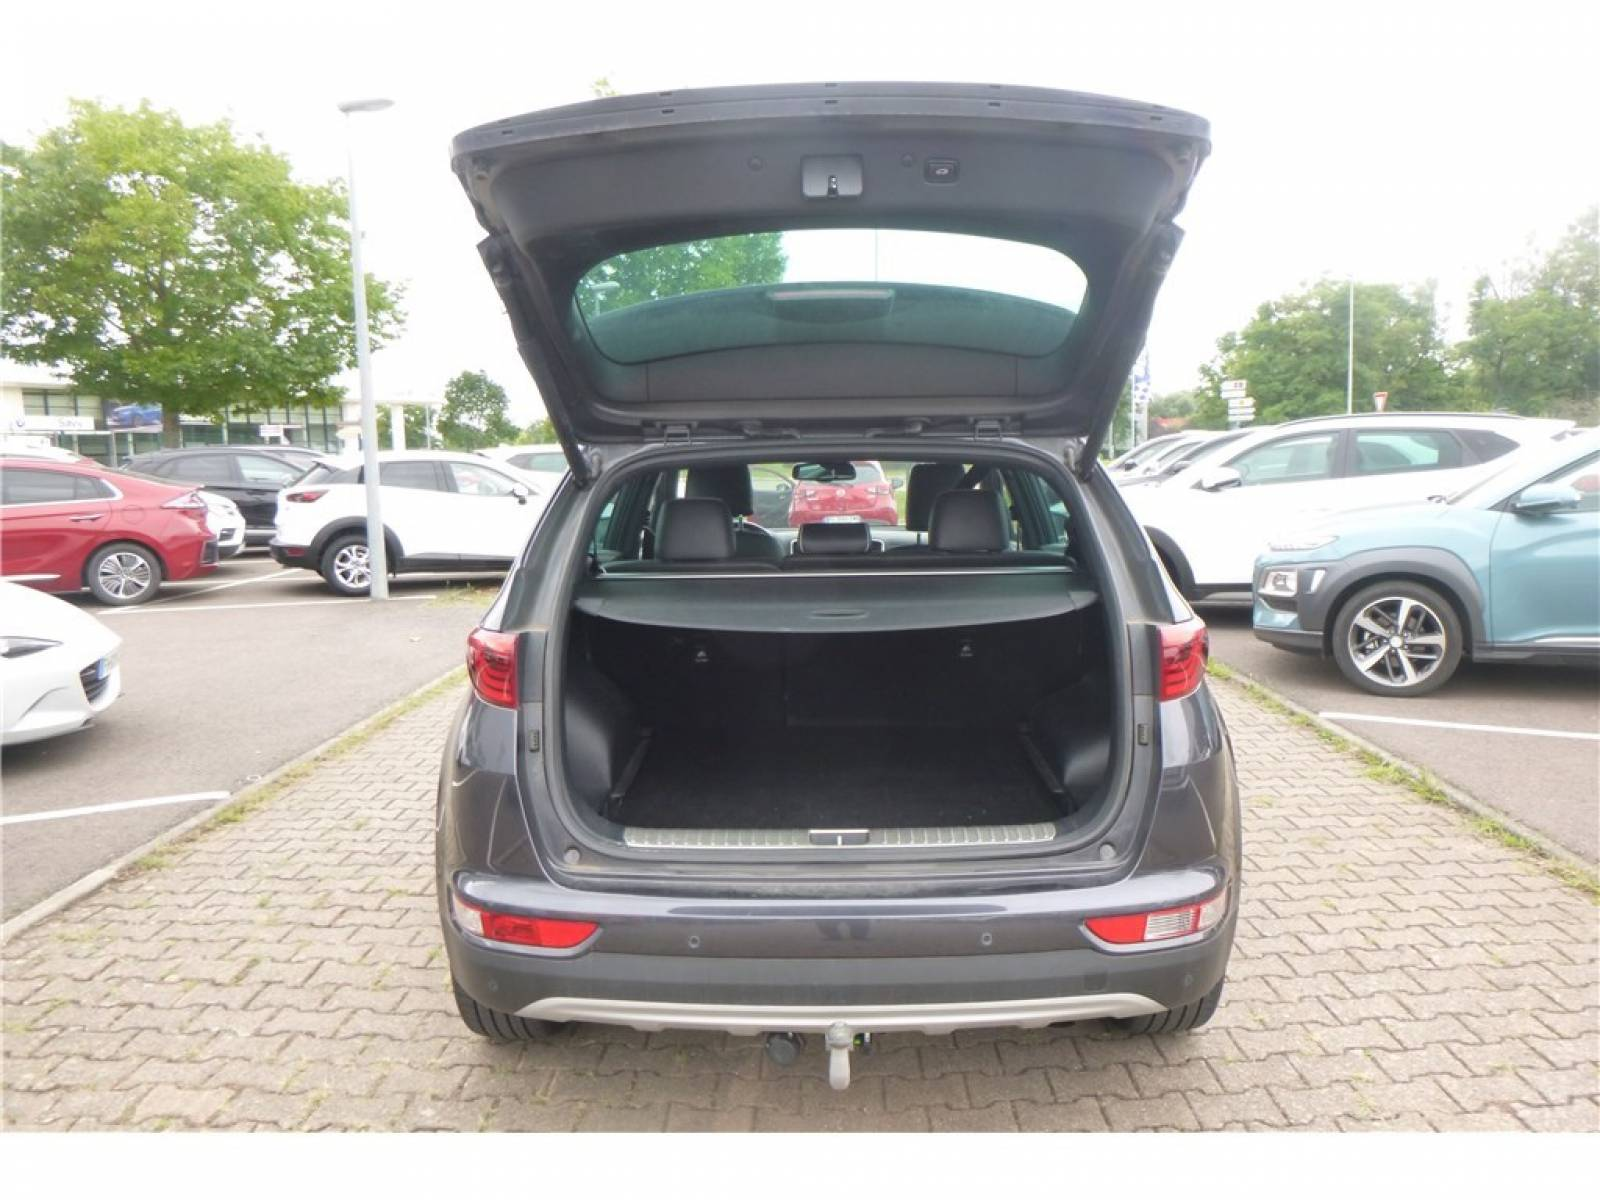 KIA Sportage 1.6 CRDi 136 ISG 4x2 DCT7 - véhicule d'occasion - Groupe Guillet - Chalon Automobiles - 71100 - Chalon-sur-Saône - 4